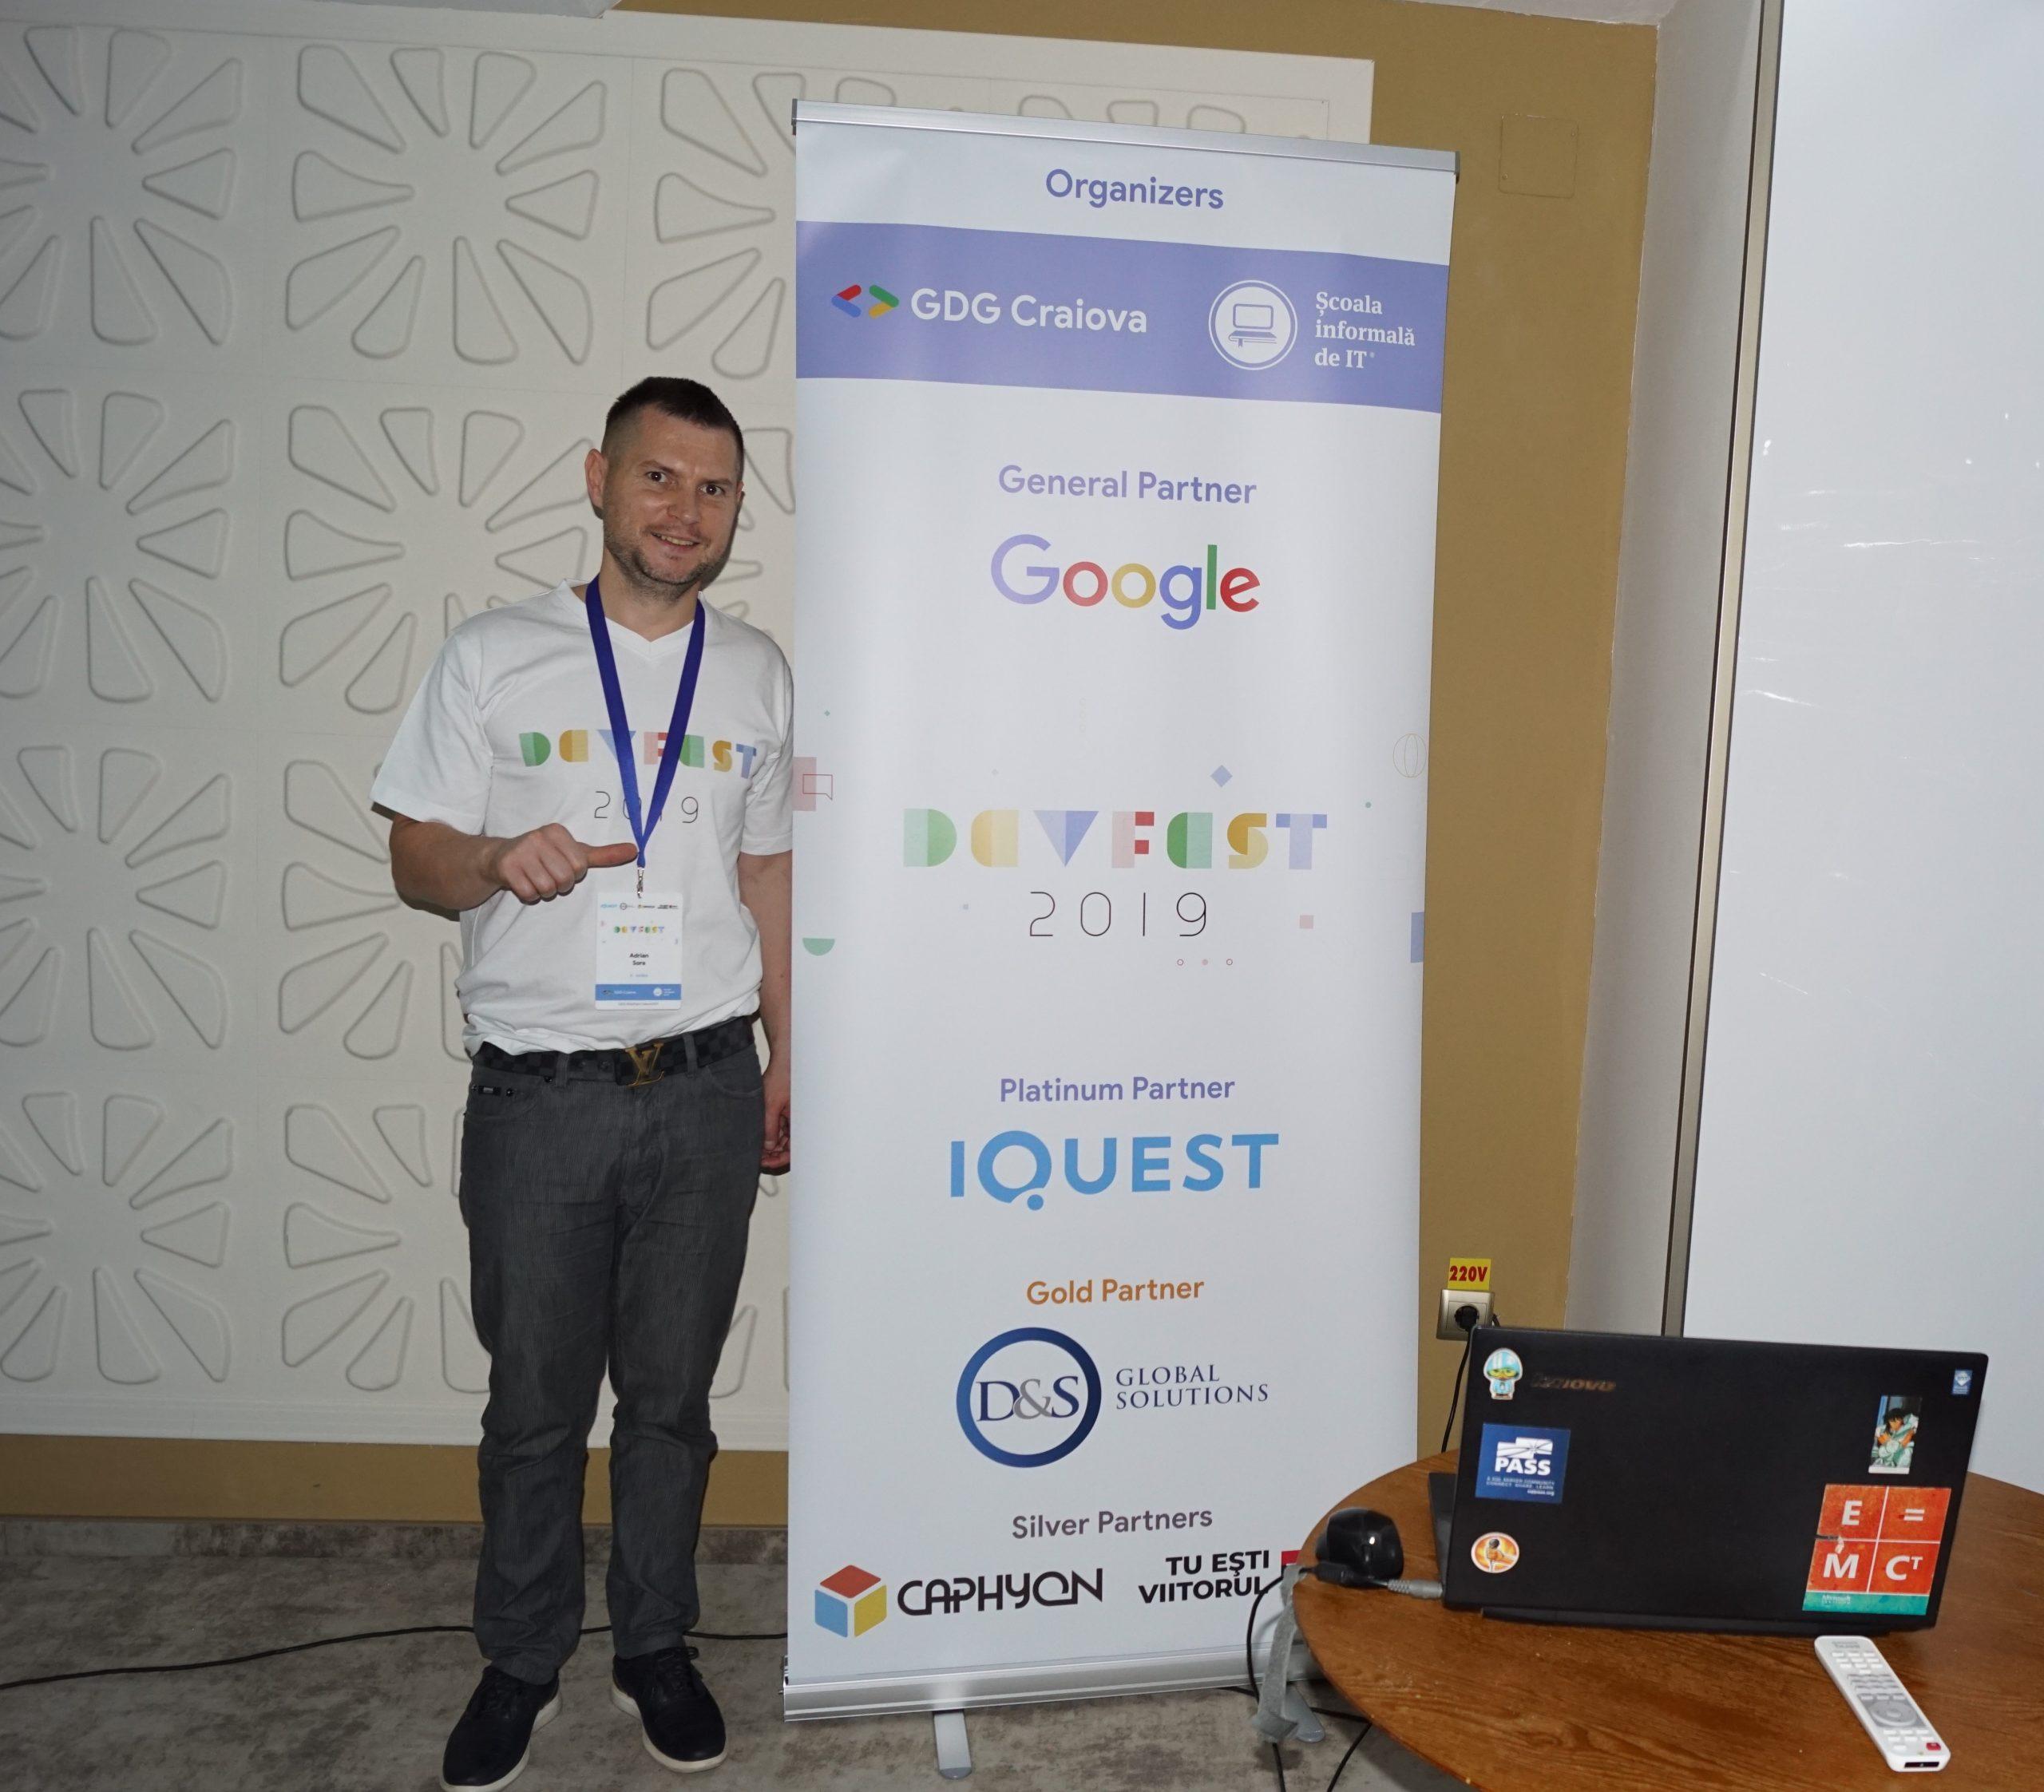 Impresiile mele - GDG DevFest la Craiova